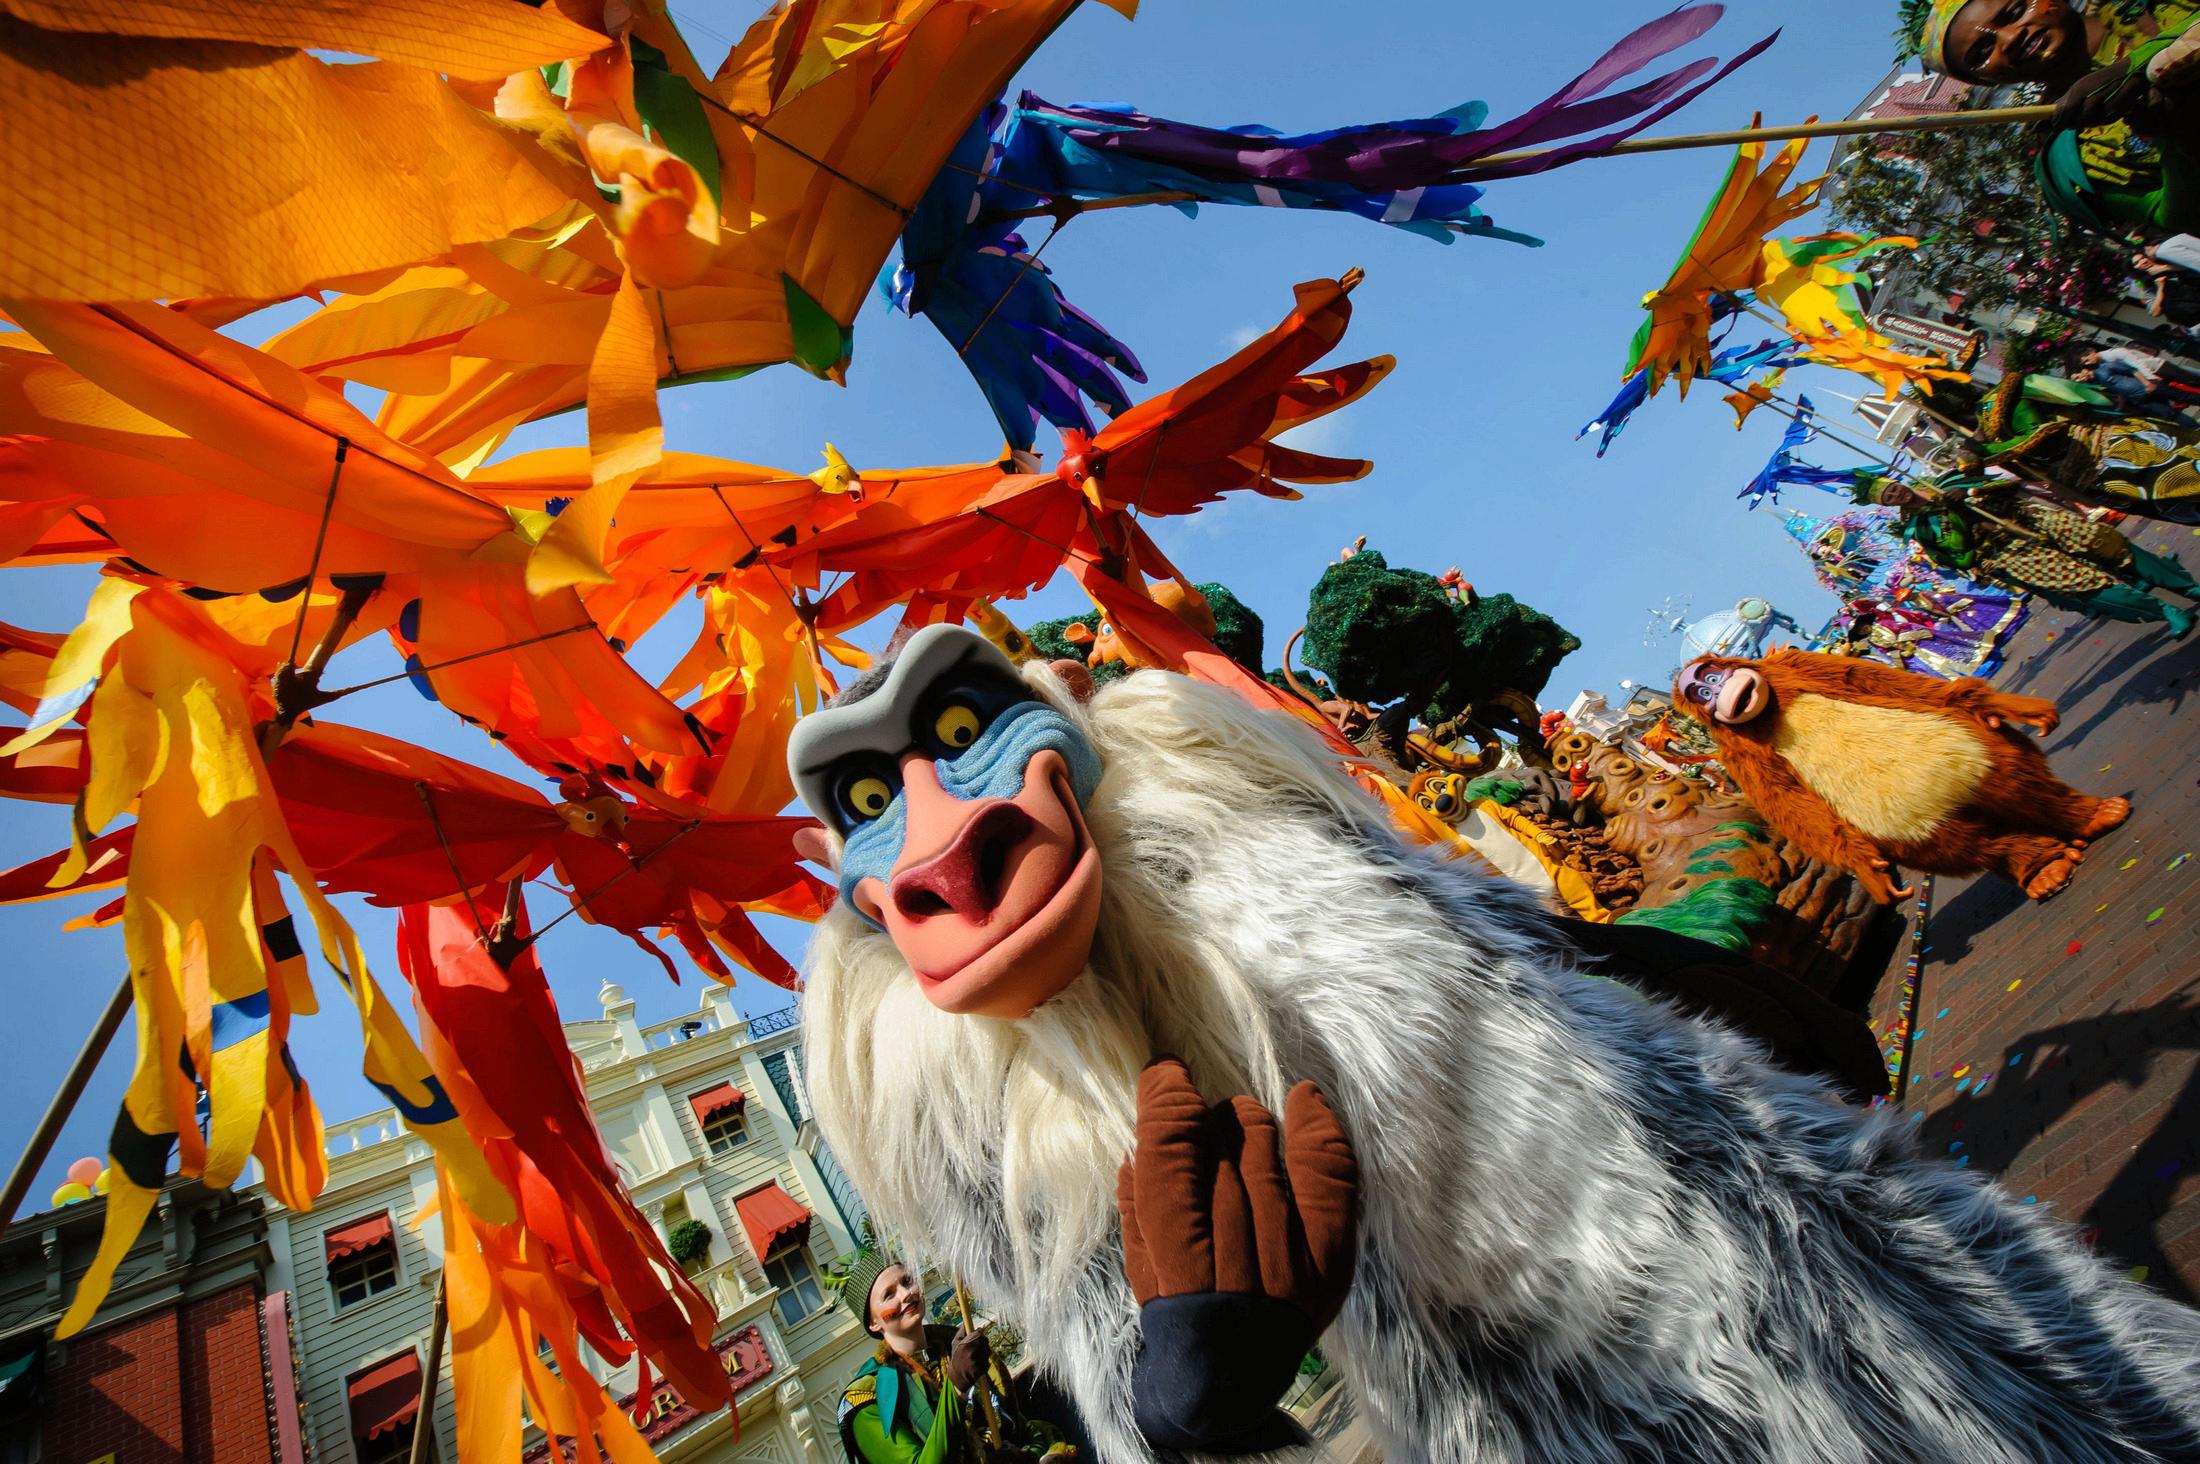 2019 - Festival del re Leone e della Jungla Lionki10